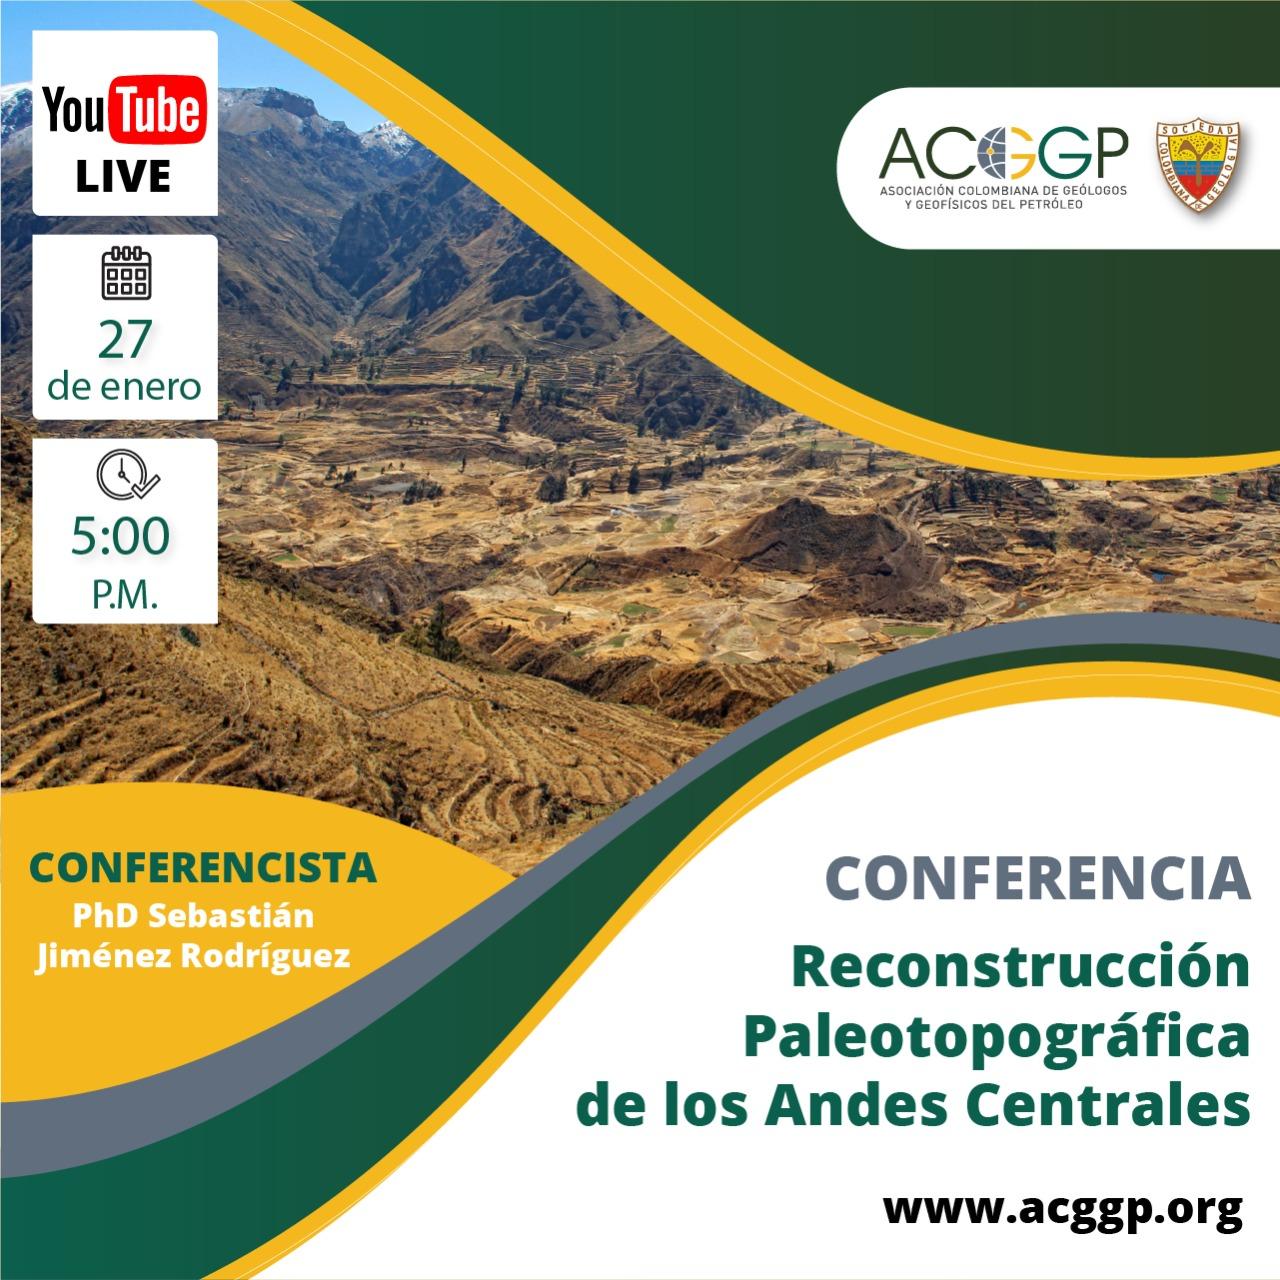 Reconstrucción Paleotopográfica de los Andes Centrales